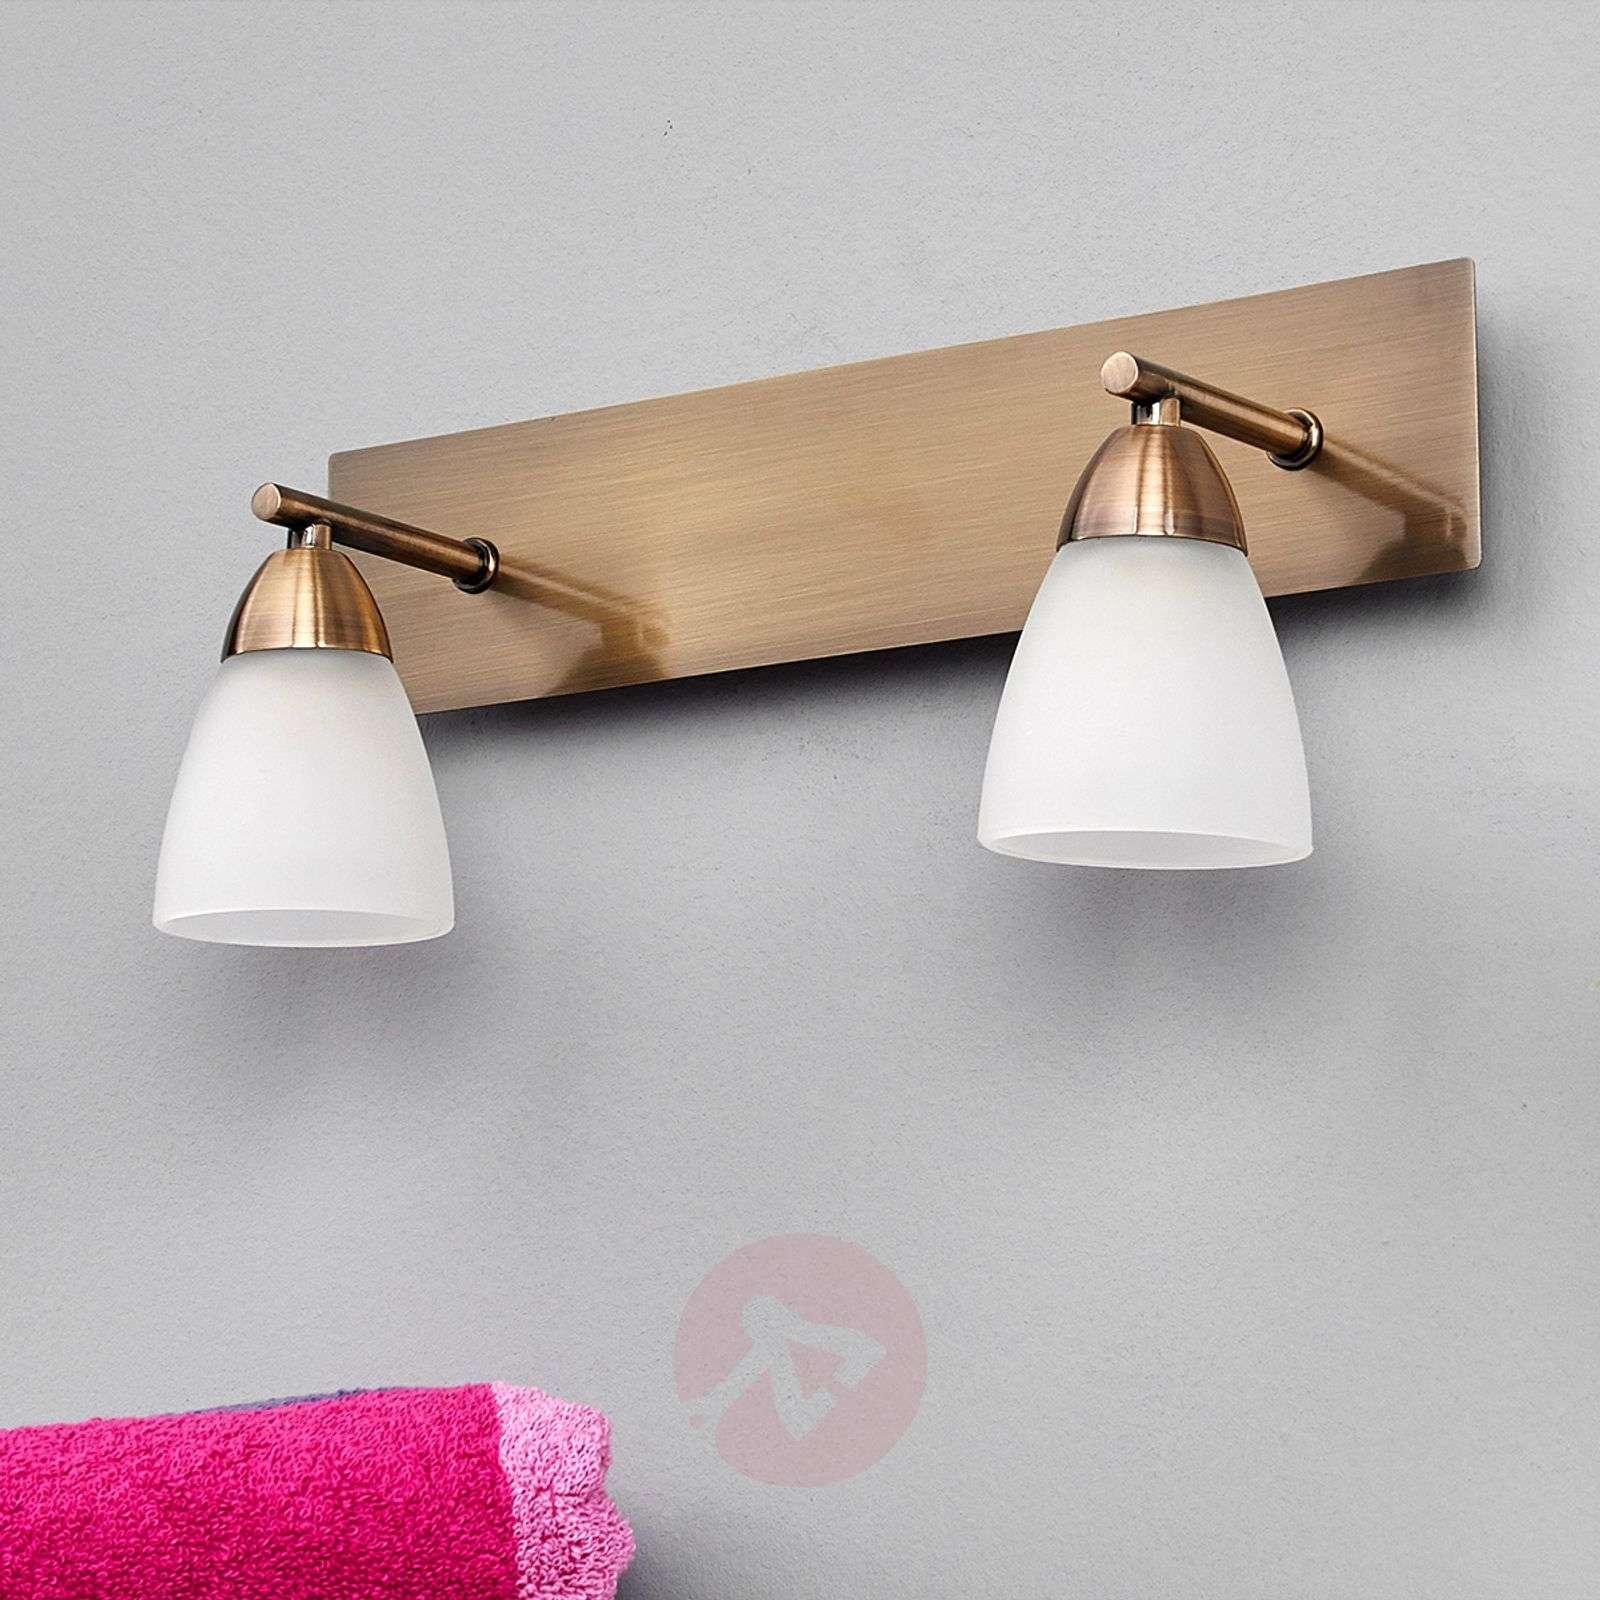 Two-light bathroom wall light Nikla-9970037-01